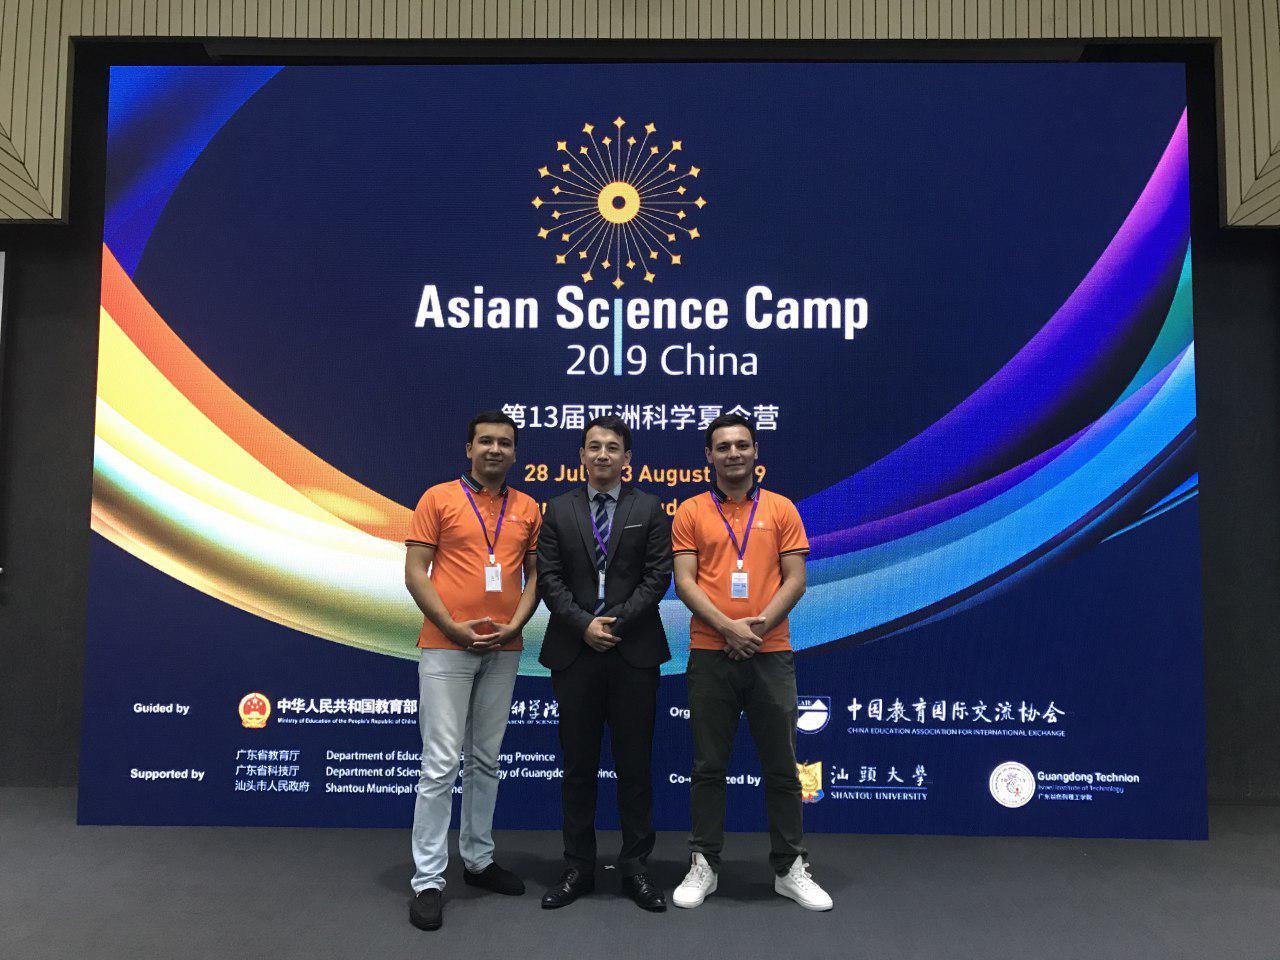 """Победители телеконкурса """"RoboCup"""" приняли участие в церемонии открытия """"Asian Science Camp"""""""